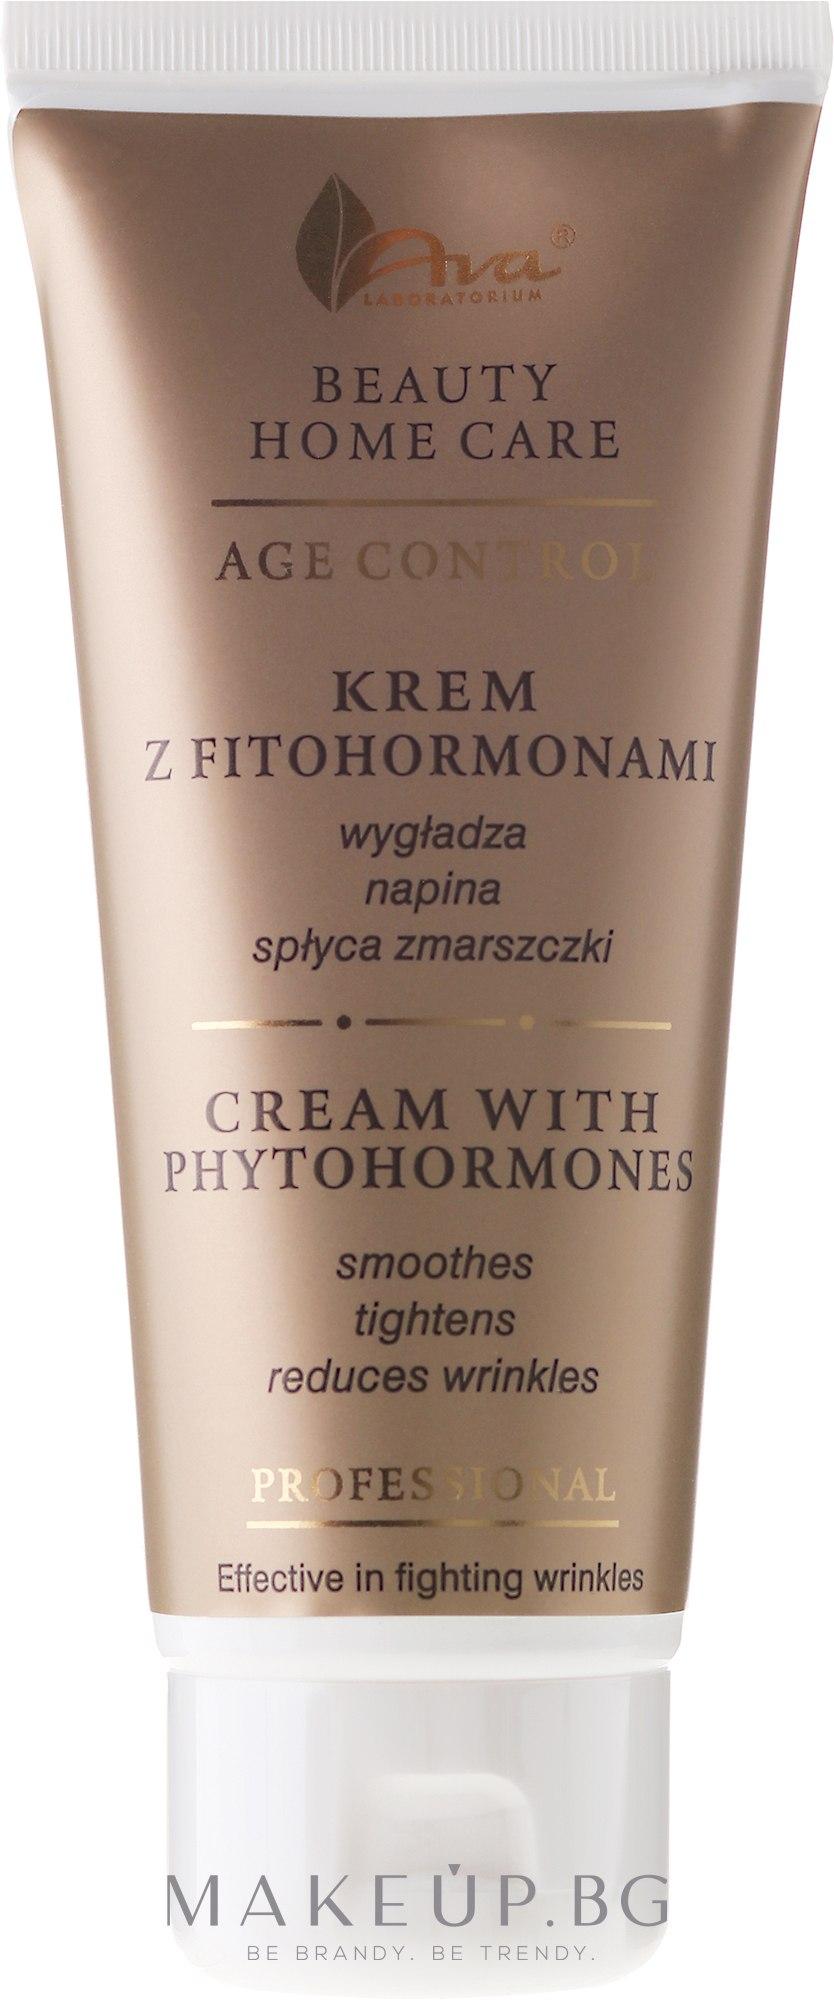 Крем за лице с фитохормони - Ava Laboratorium Beauty Home Care Cream With Phytohormones — снимка 100 ml